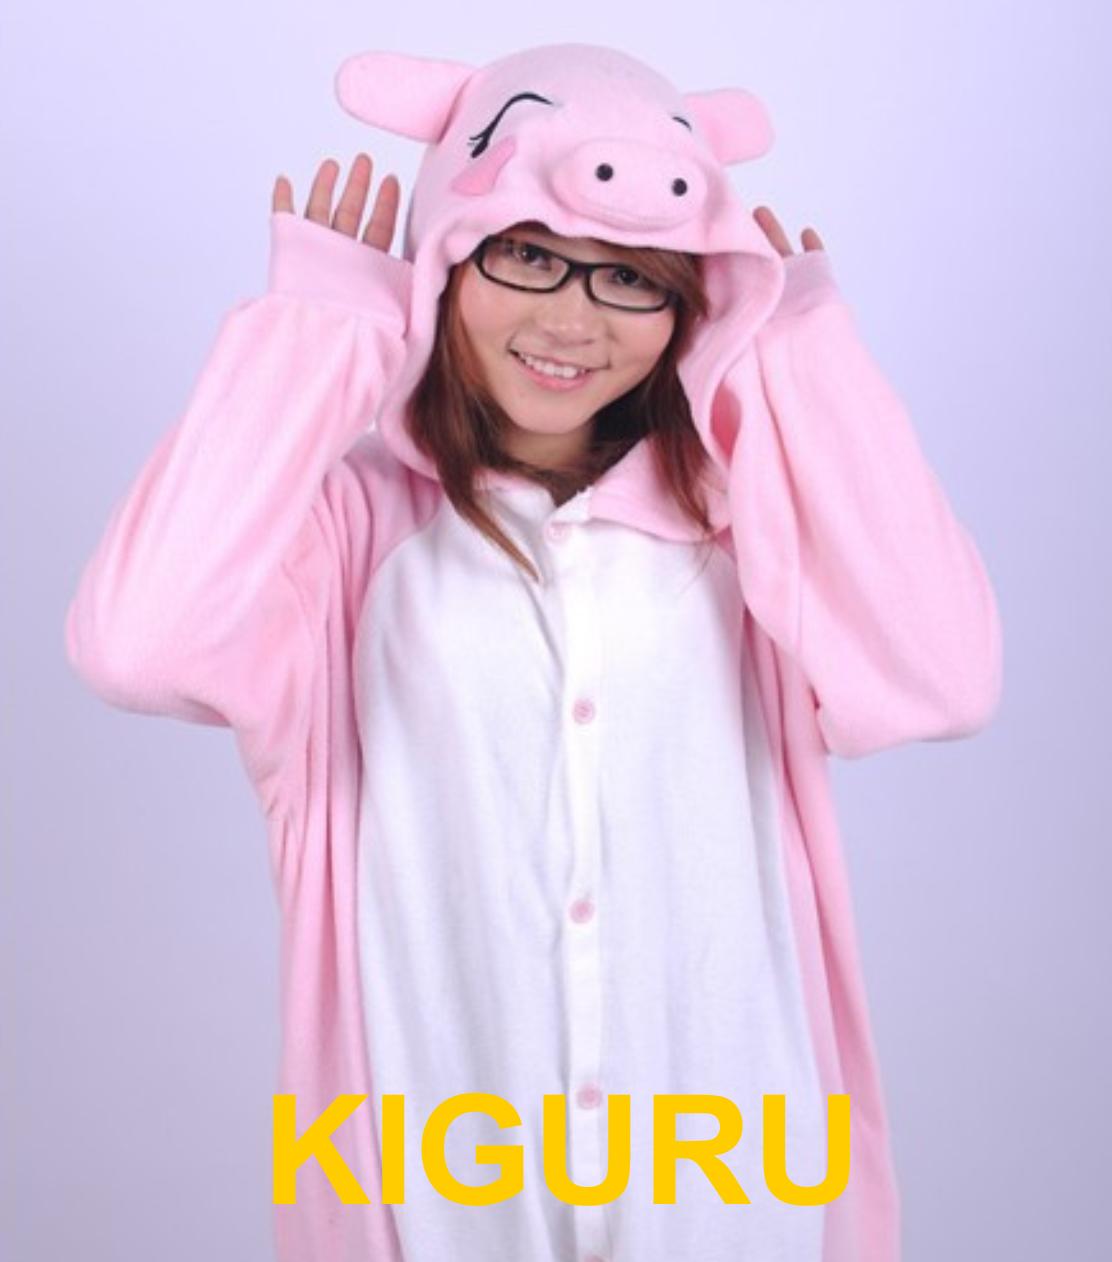 Кигуруми свинка пижама - KIGURU в Киеве